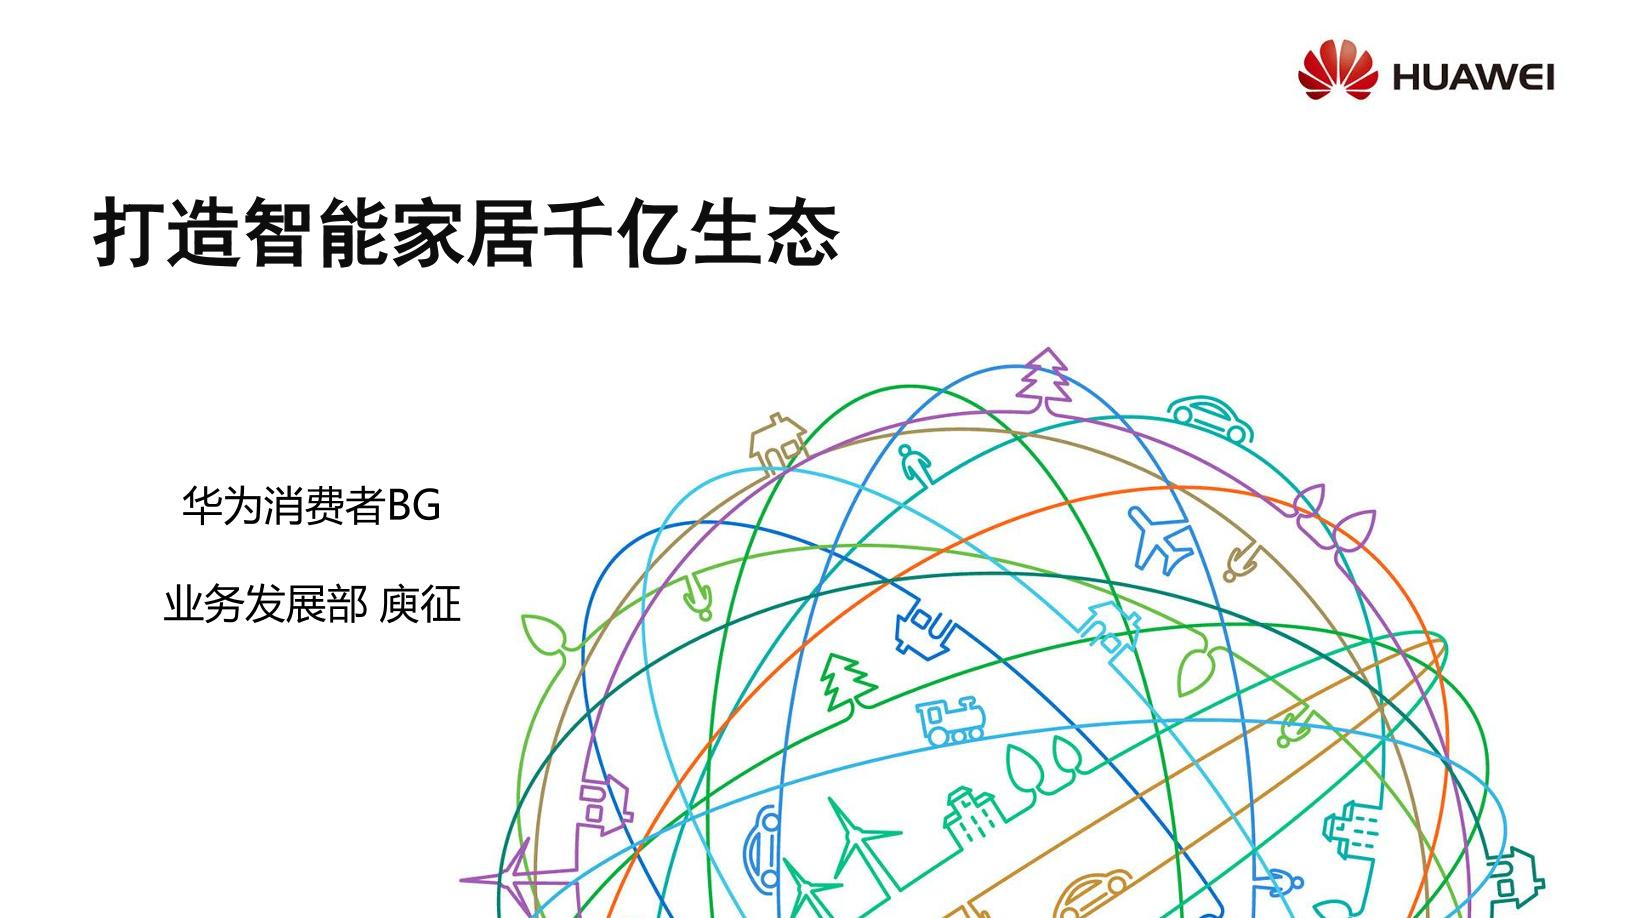 2018广东互联网大会演讲PPT|打造智能家居千亿生态|华为